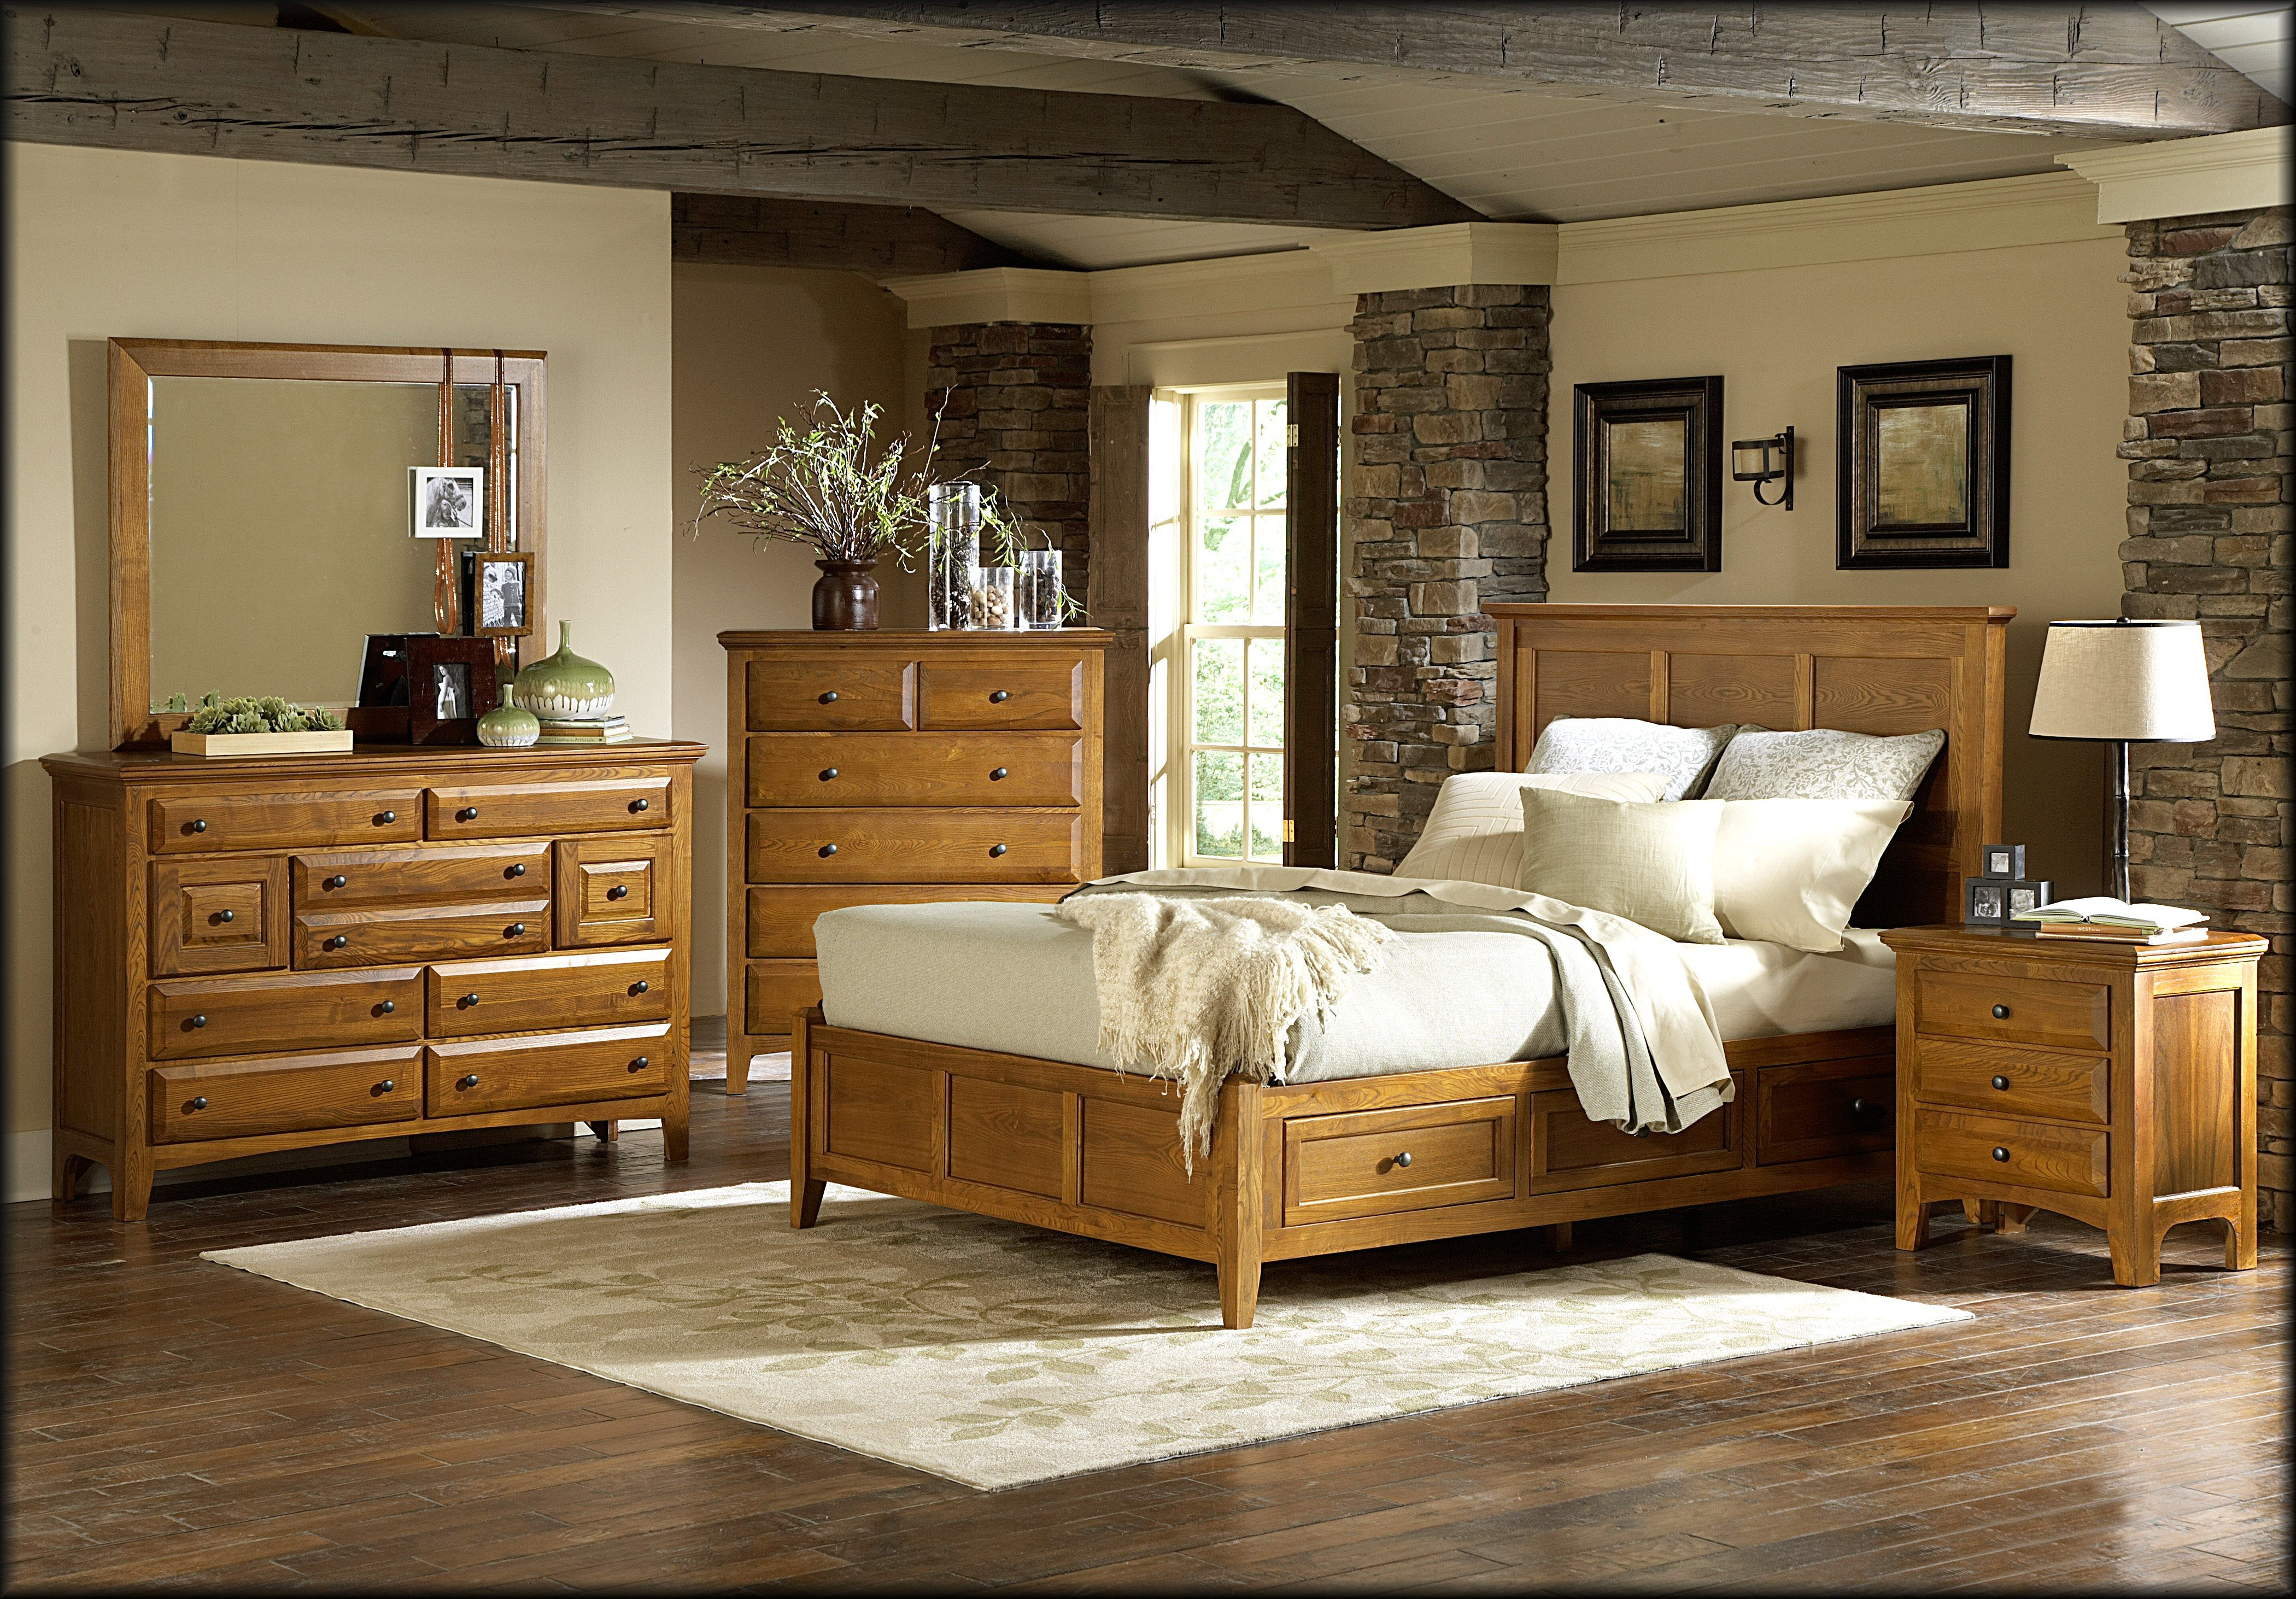 Bedroom Set Furniture, Home decor